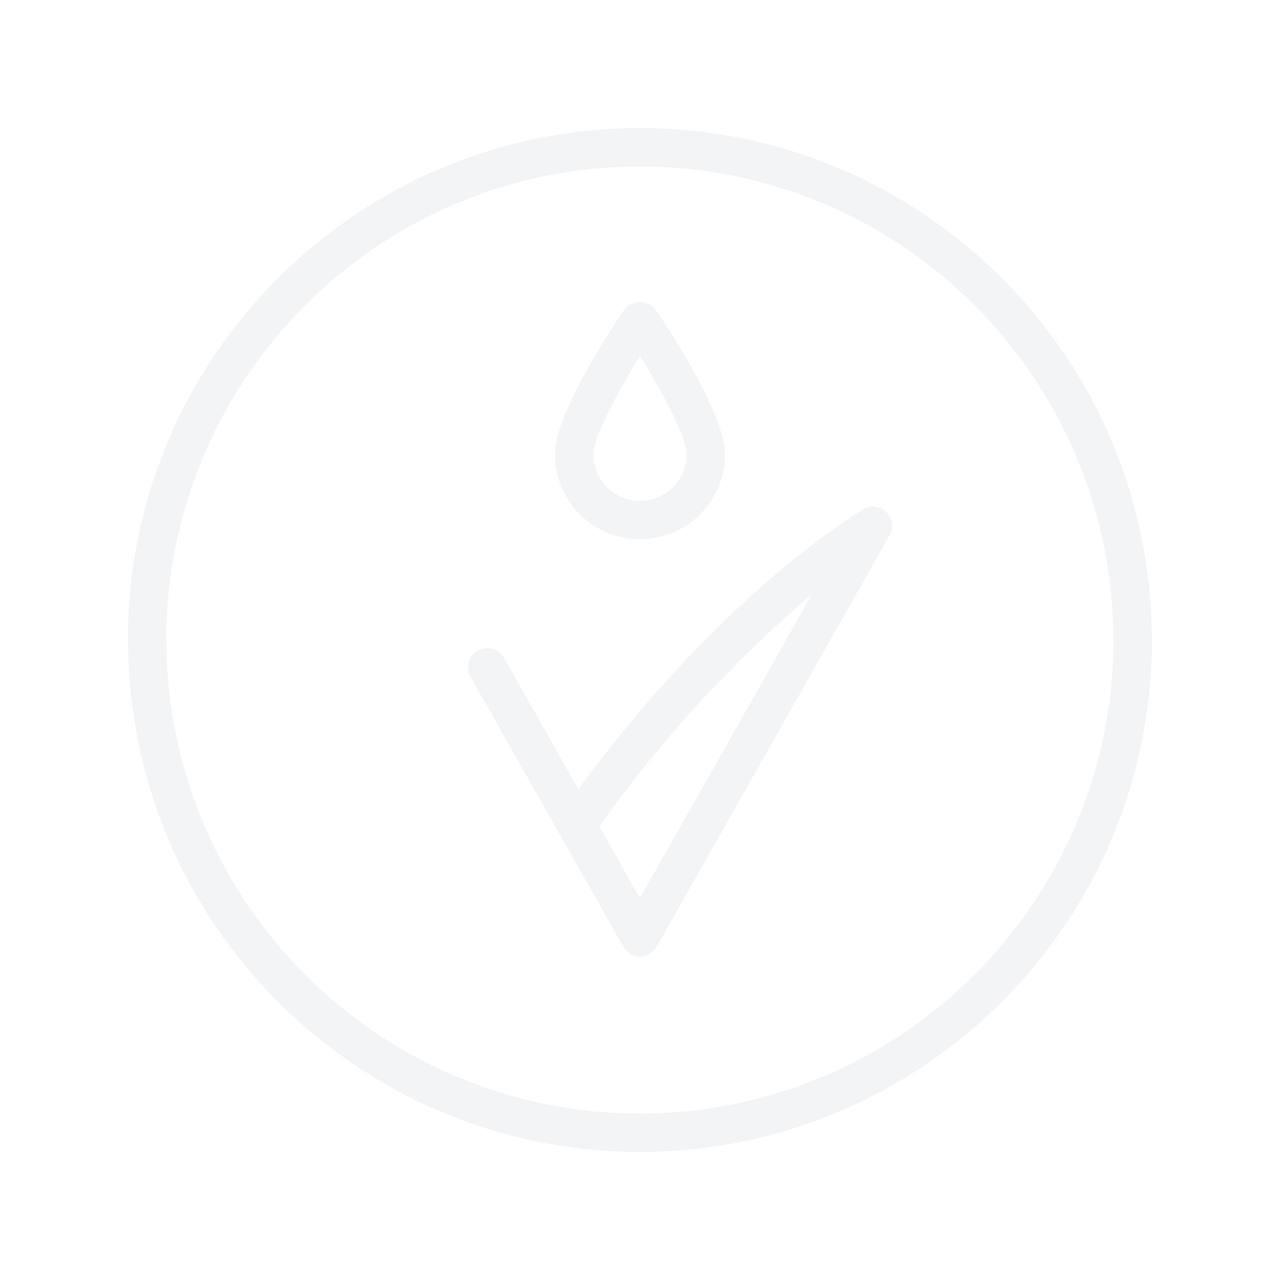 ALTERNA Caviar Sheer Dry Shampoo 34g